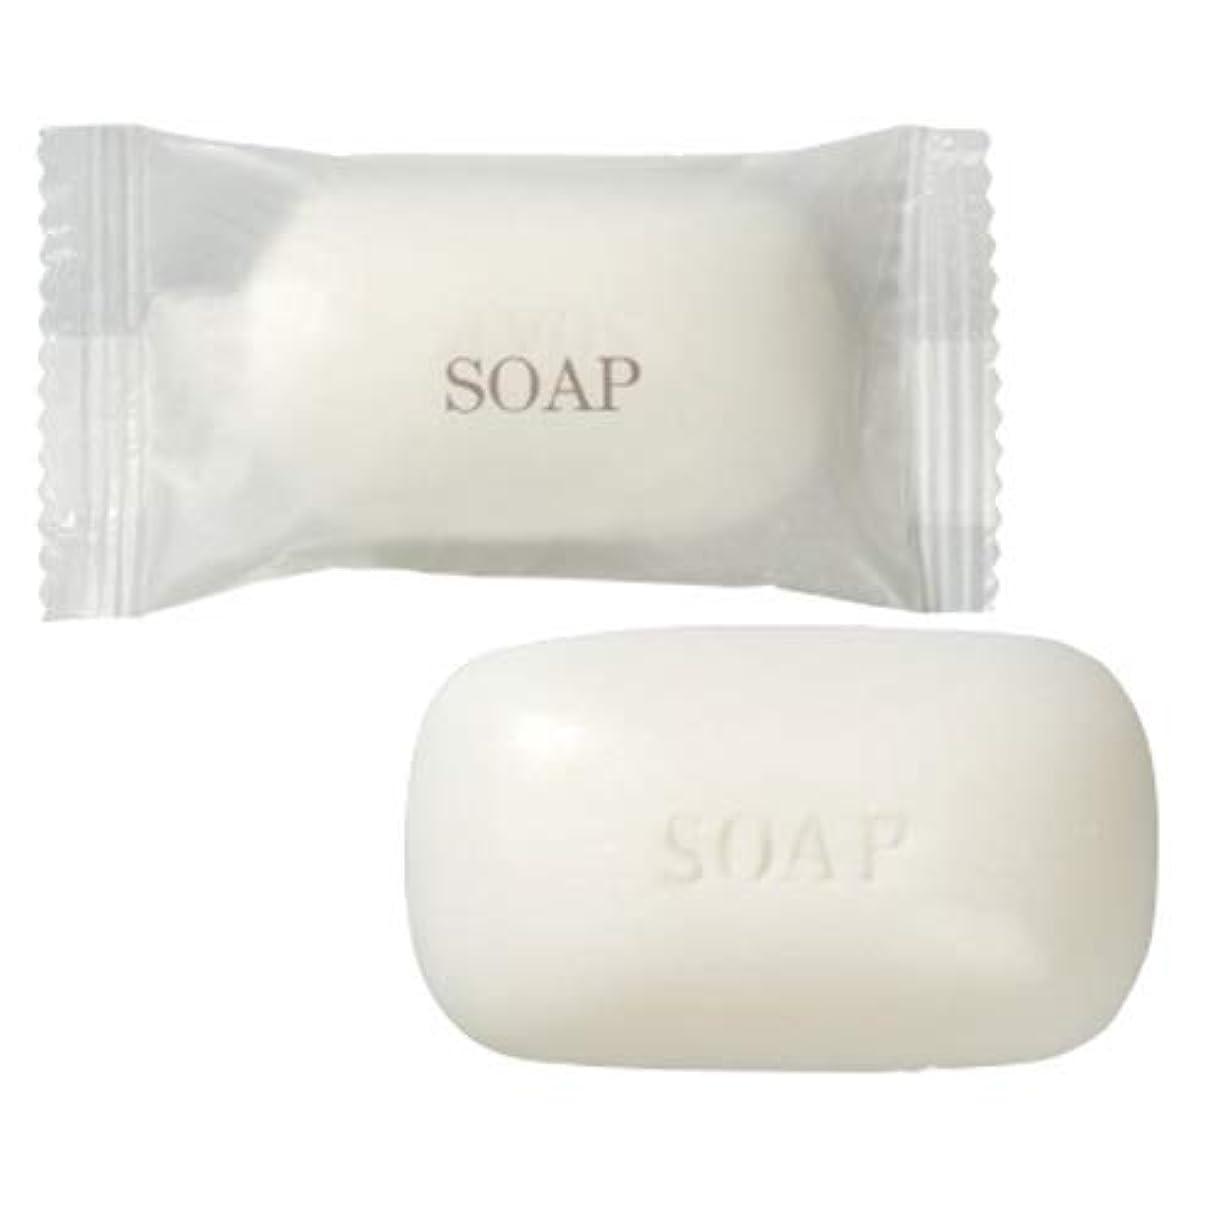 変成器まとめるピルファー業務用 フィードソープ(FEED SOAP) マット袋(M袋) 15g ×5個 | ホテルアメニティ 個包装